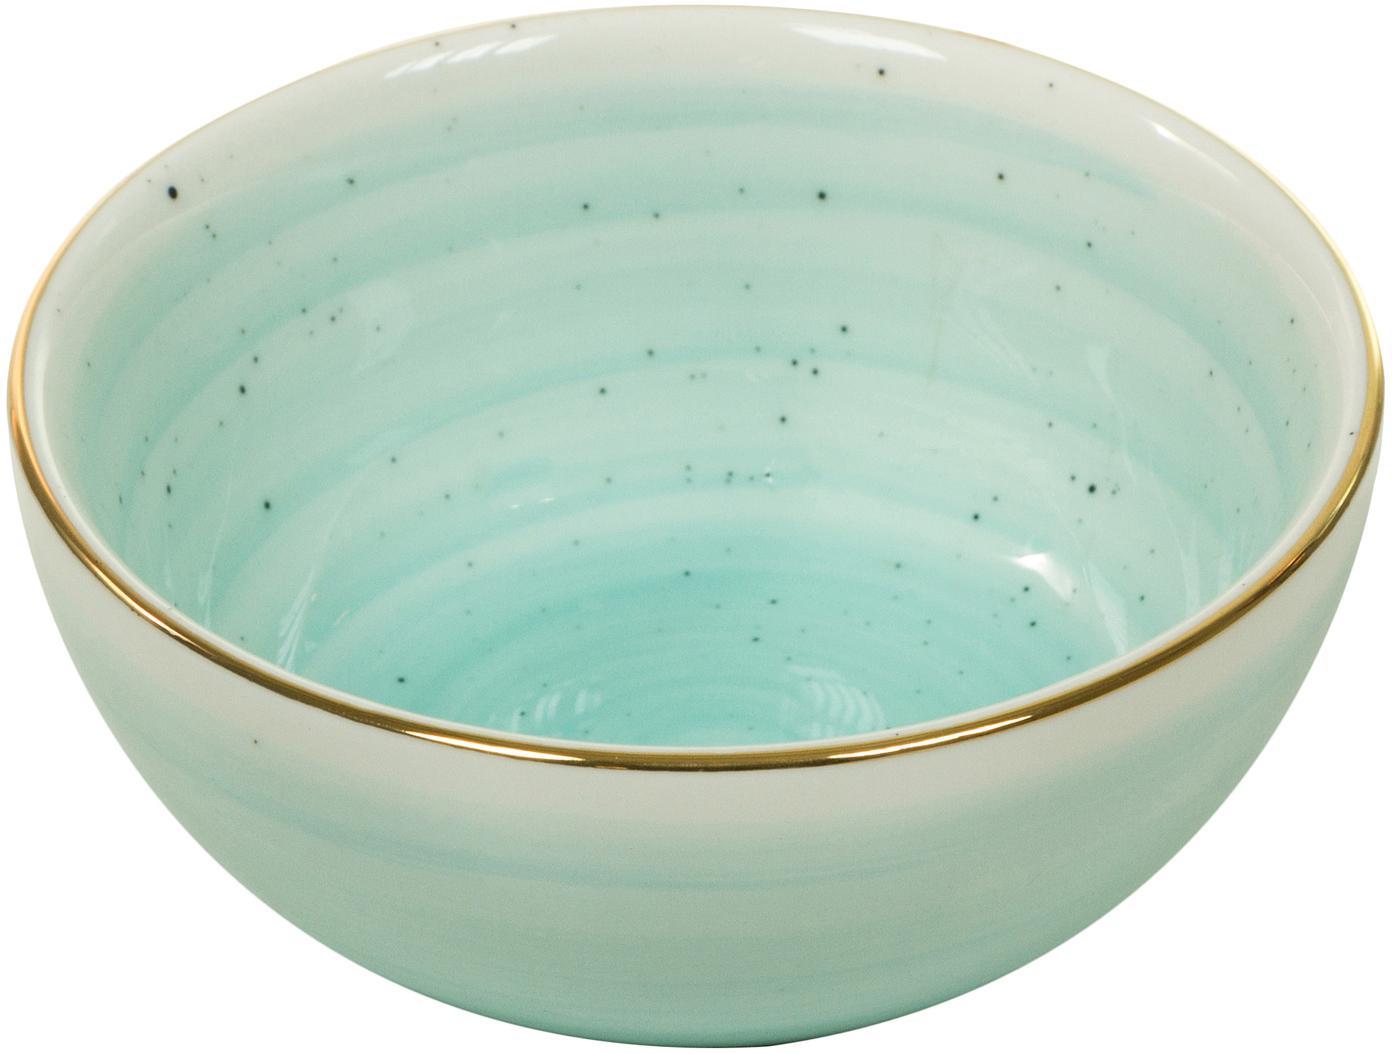 Ciotola fatta a mano con bordo dorato Bol 2 pz, Porcellana, Blu turchese, Ø 10 x Alt. 6 cm